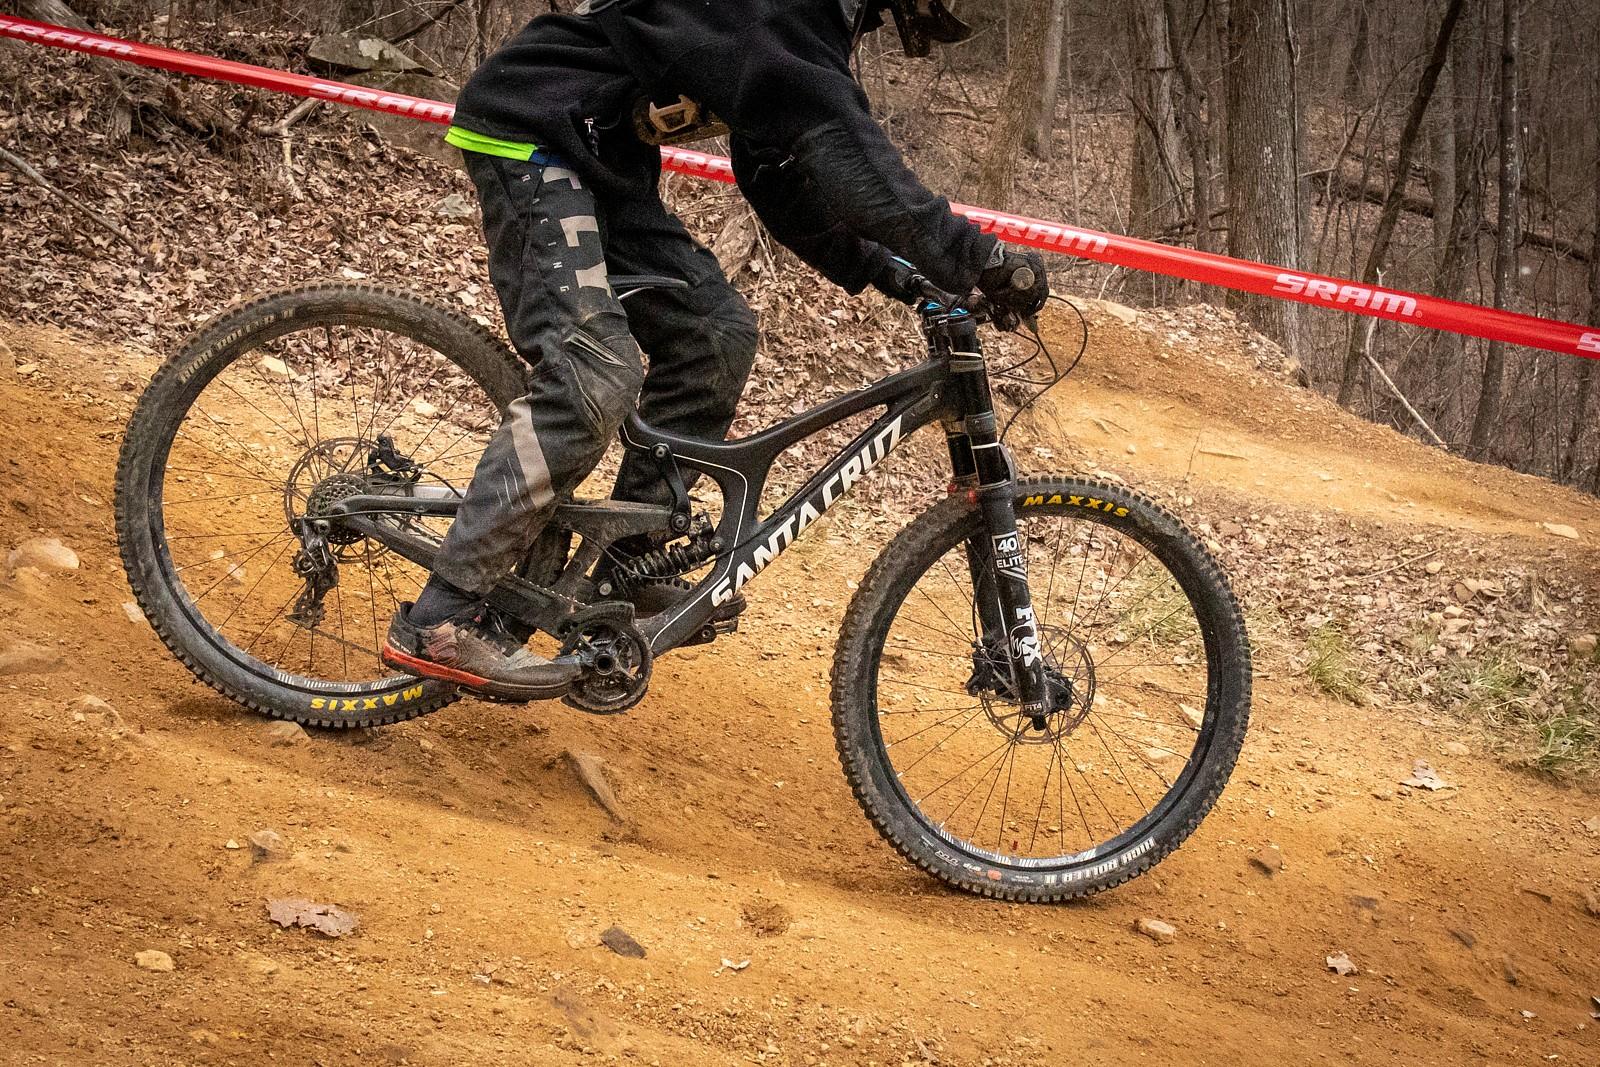 Santa Cruz V10 - JackRice - Mountain Biking Pictures - Vital MTB